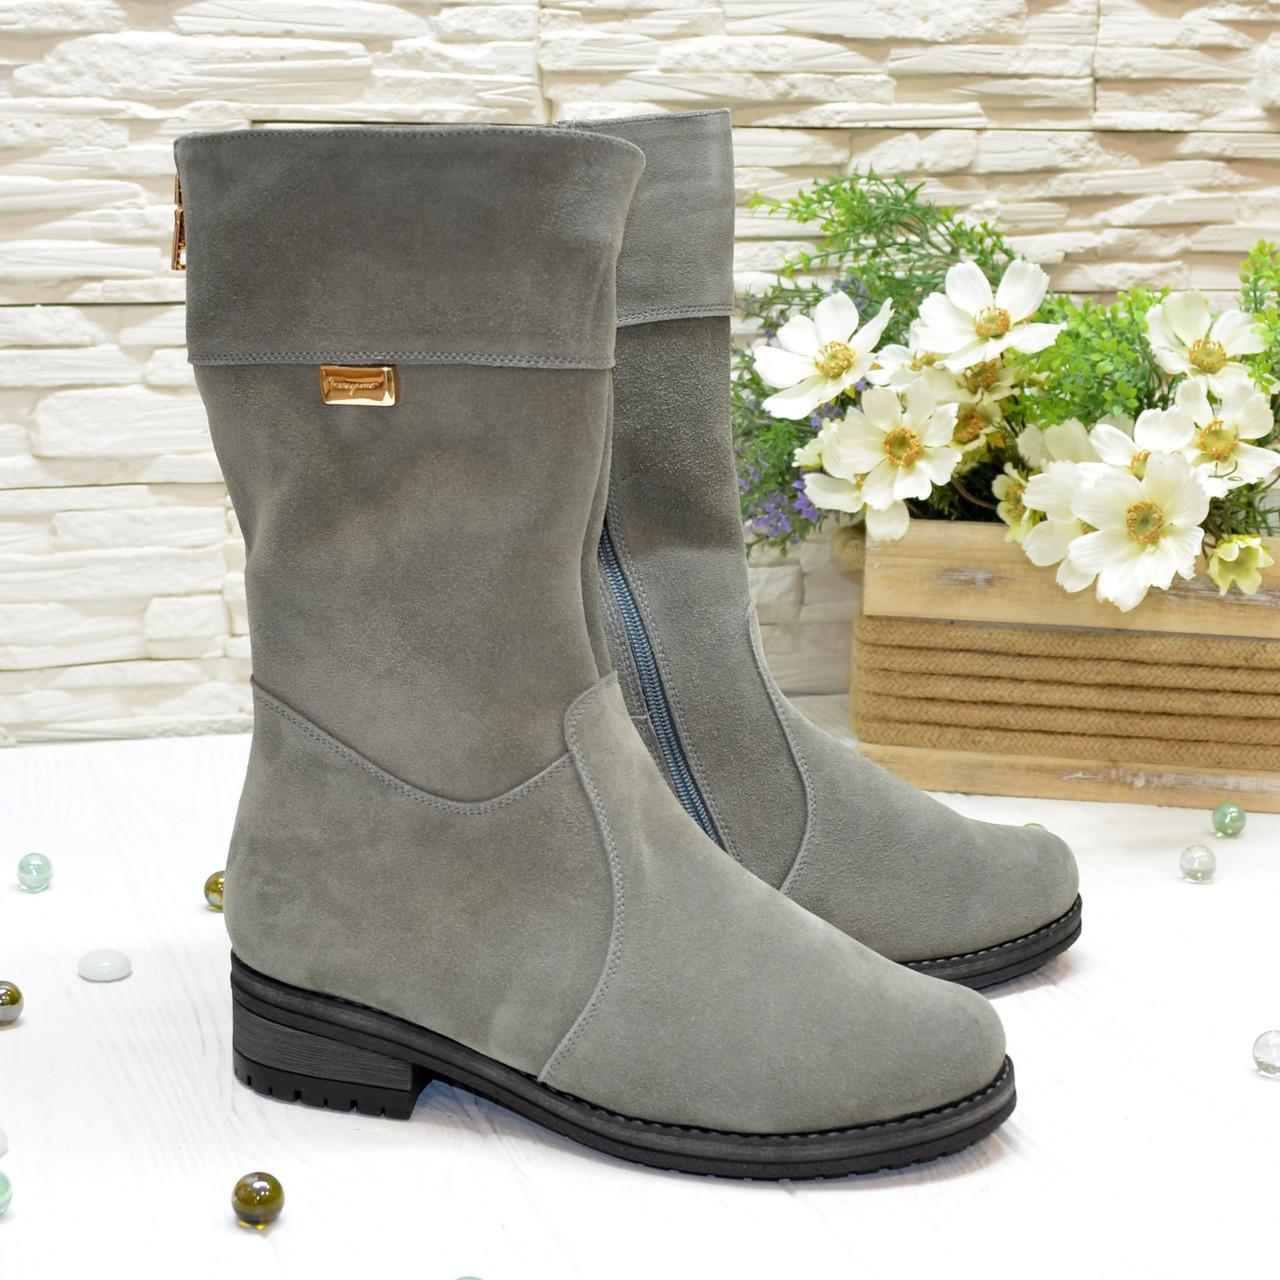 Ботинки женские зимние из натуральной замши серого цвета